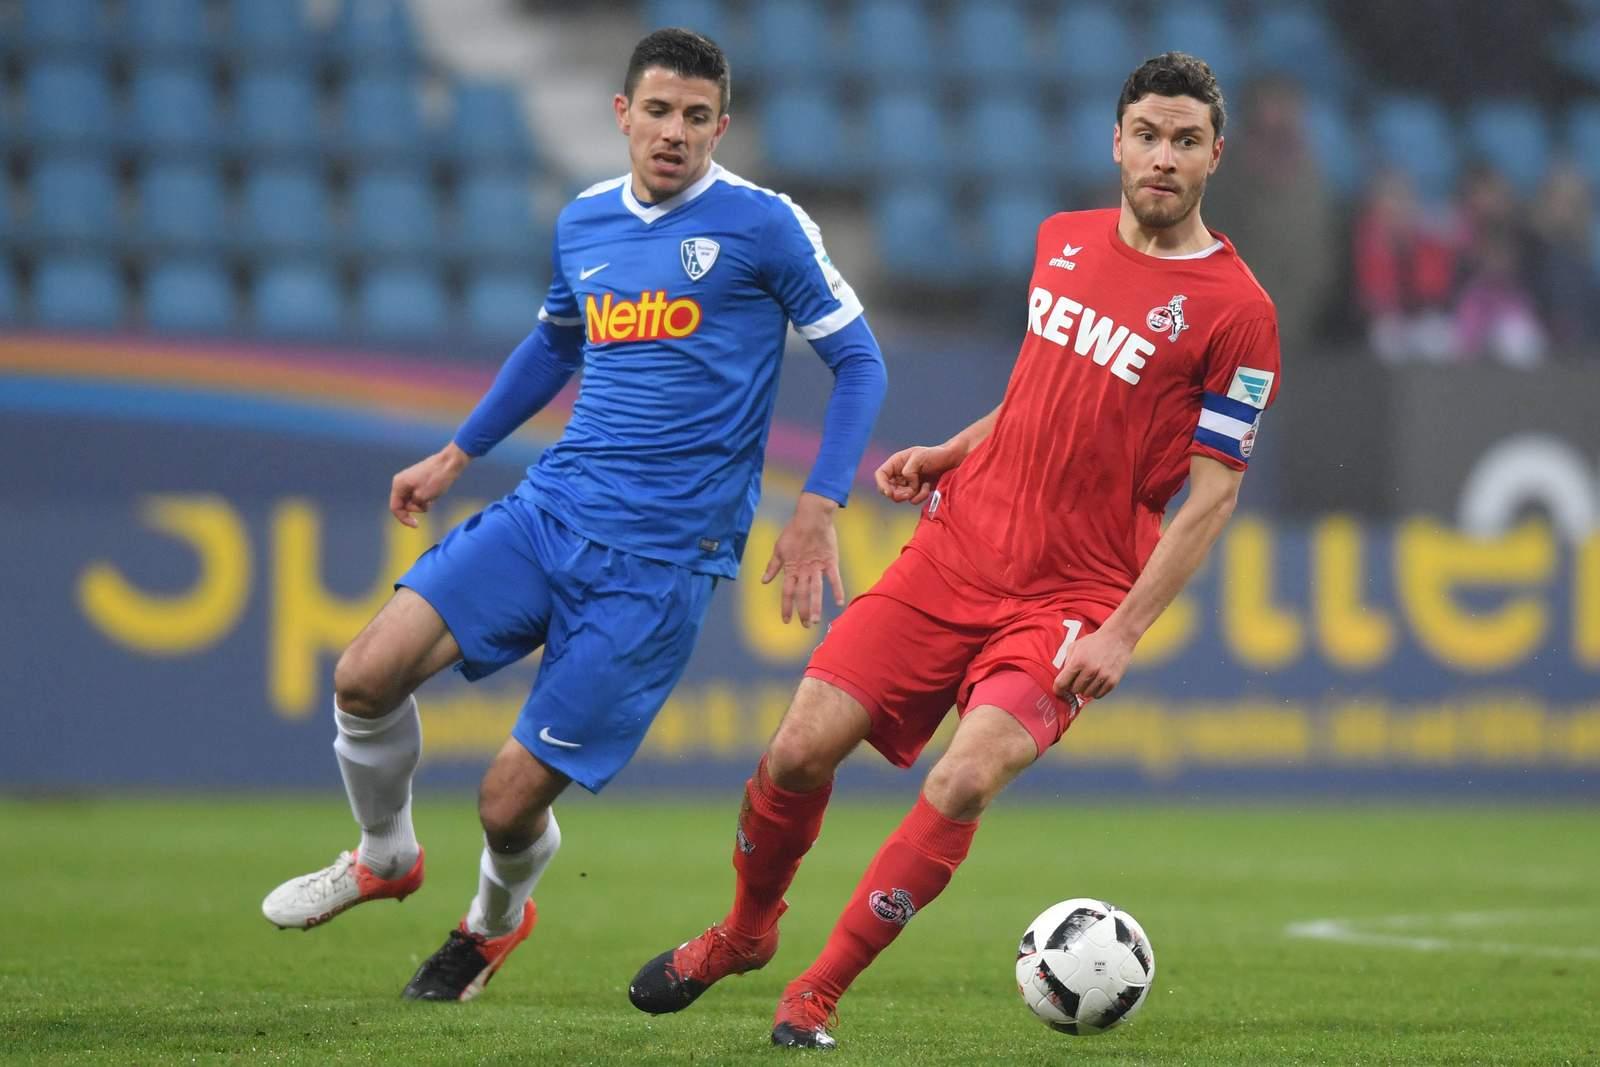 Anthony Losilla bedrängt Jonas Hector. Jetzt auf Bochum gegen Köln wetten.